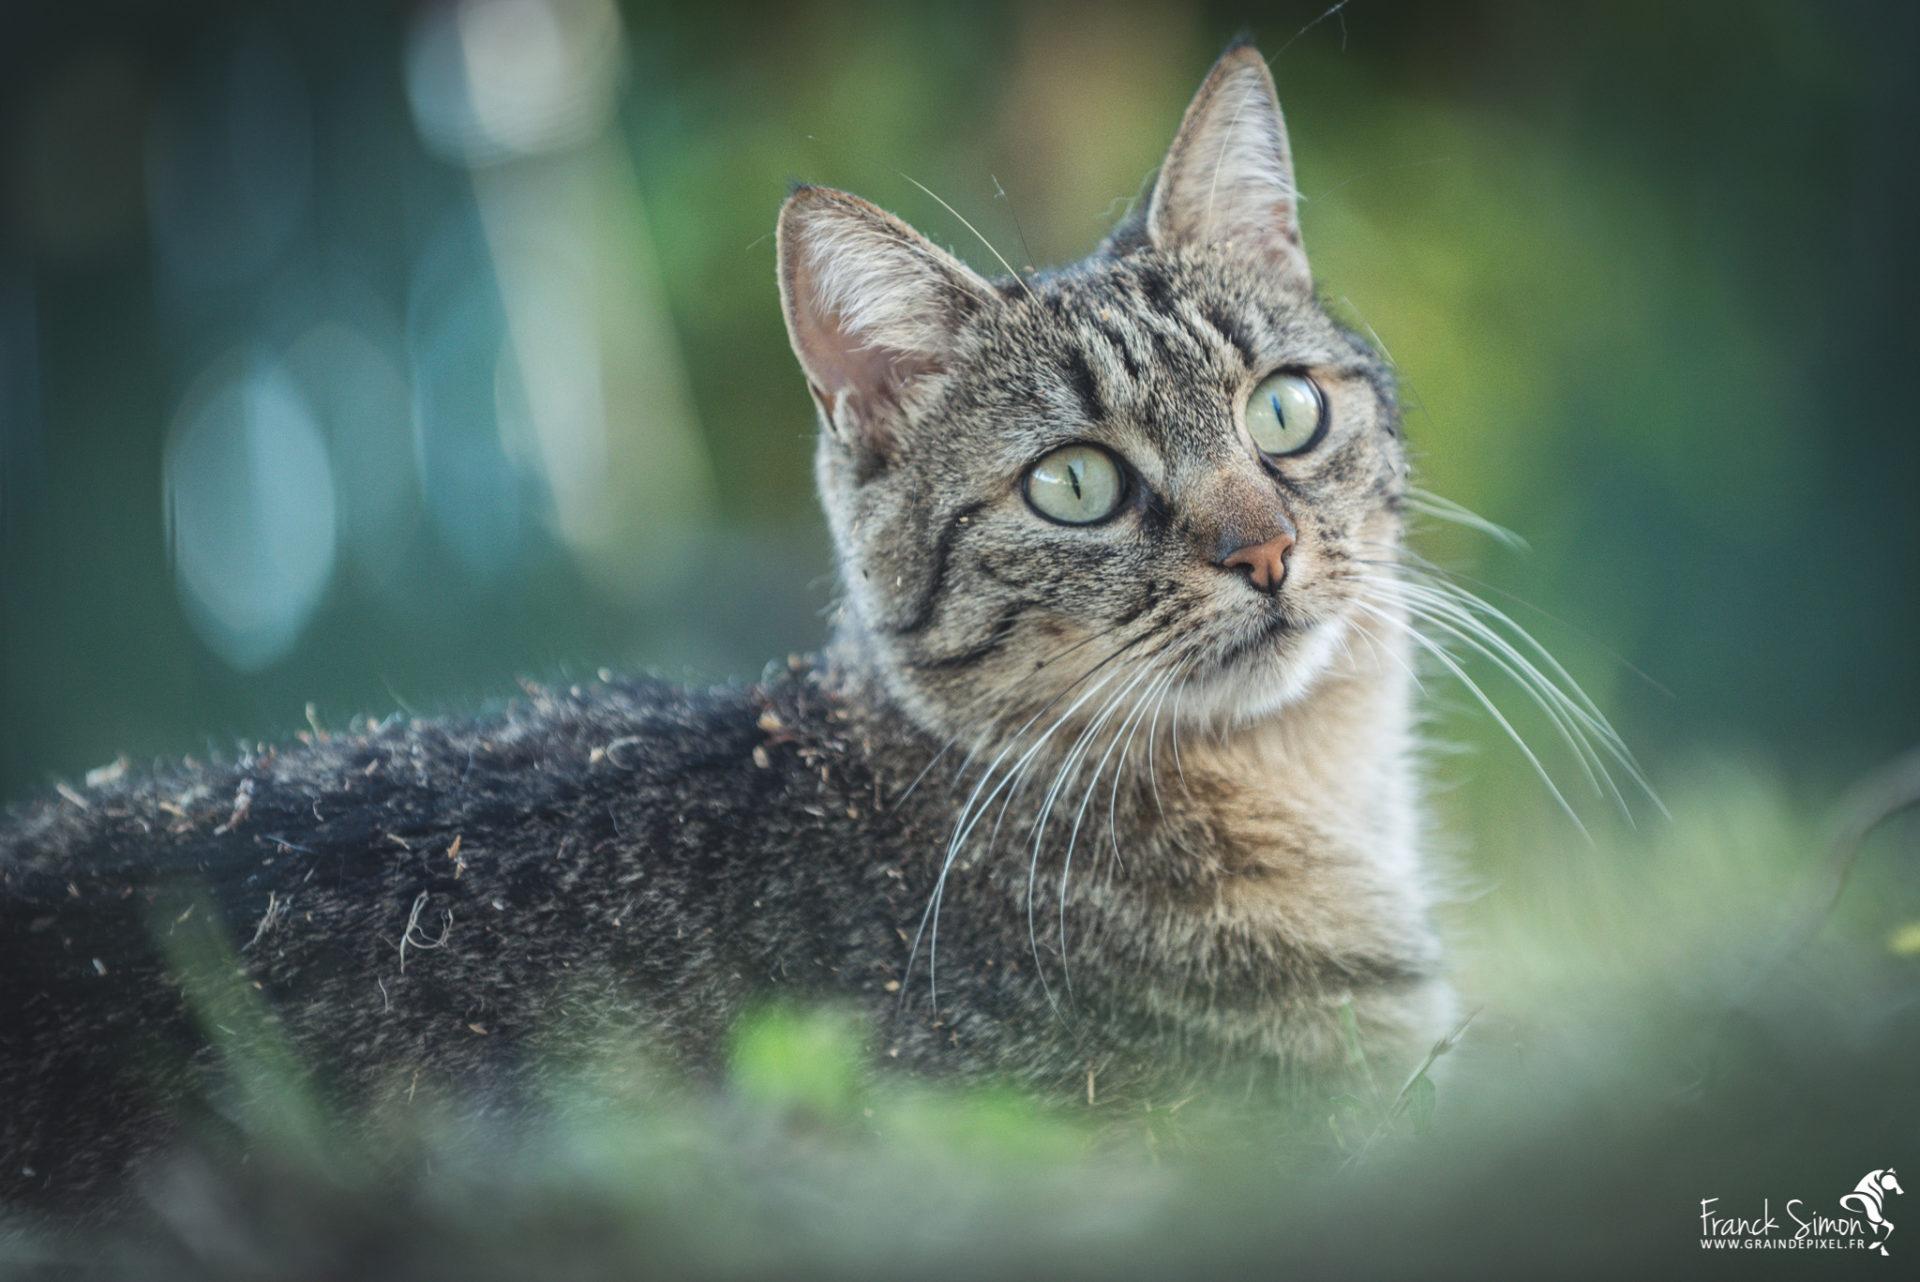 Lili la princesse chat